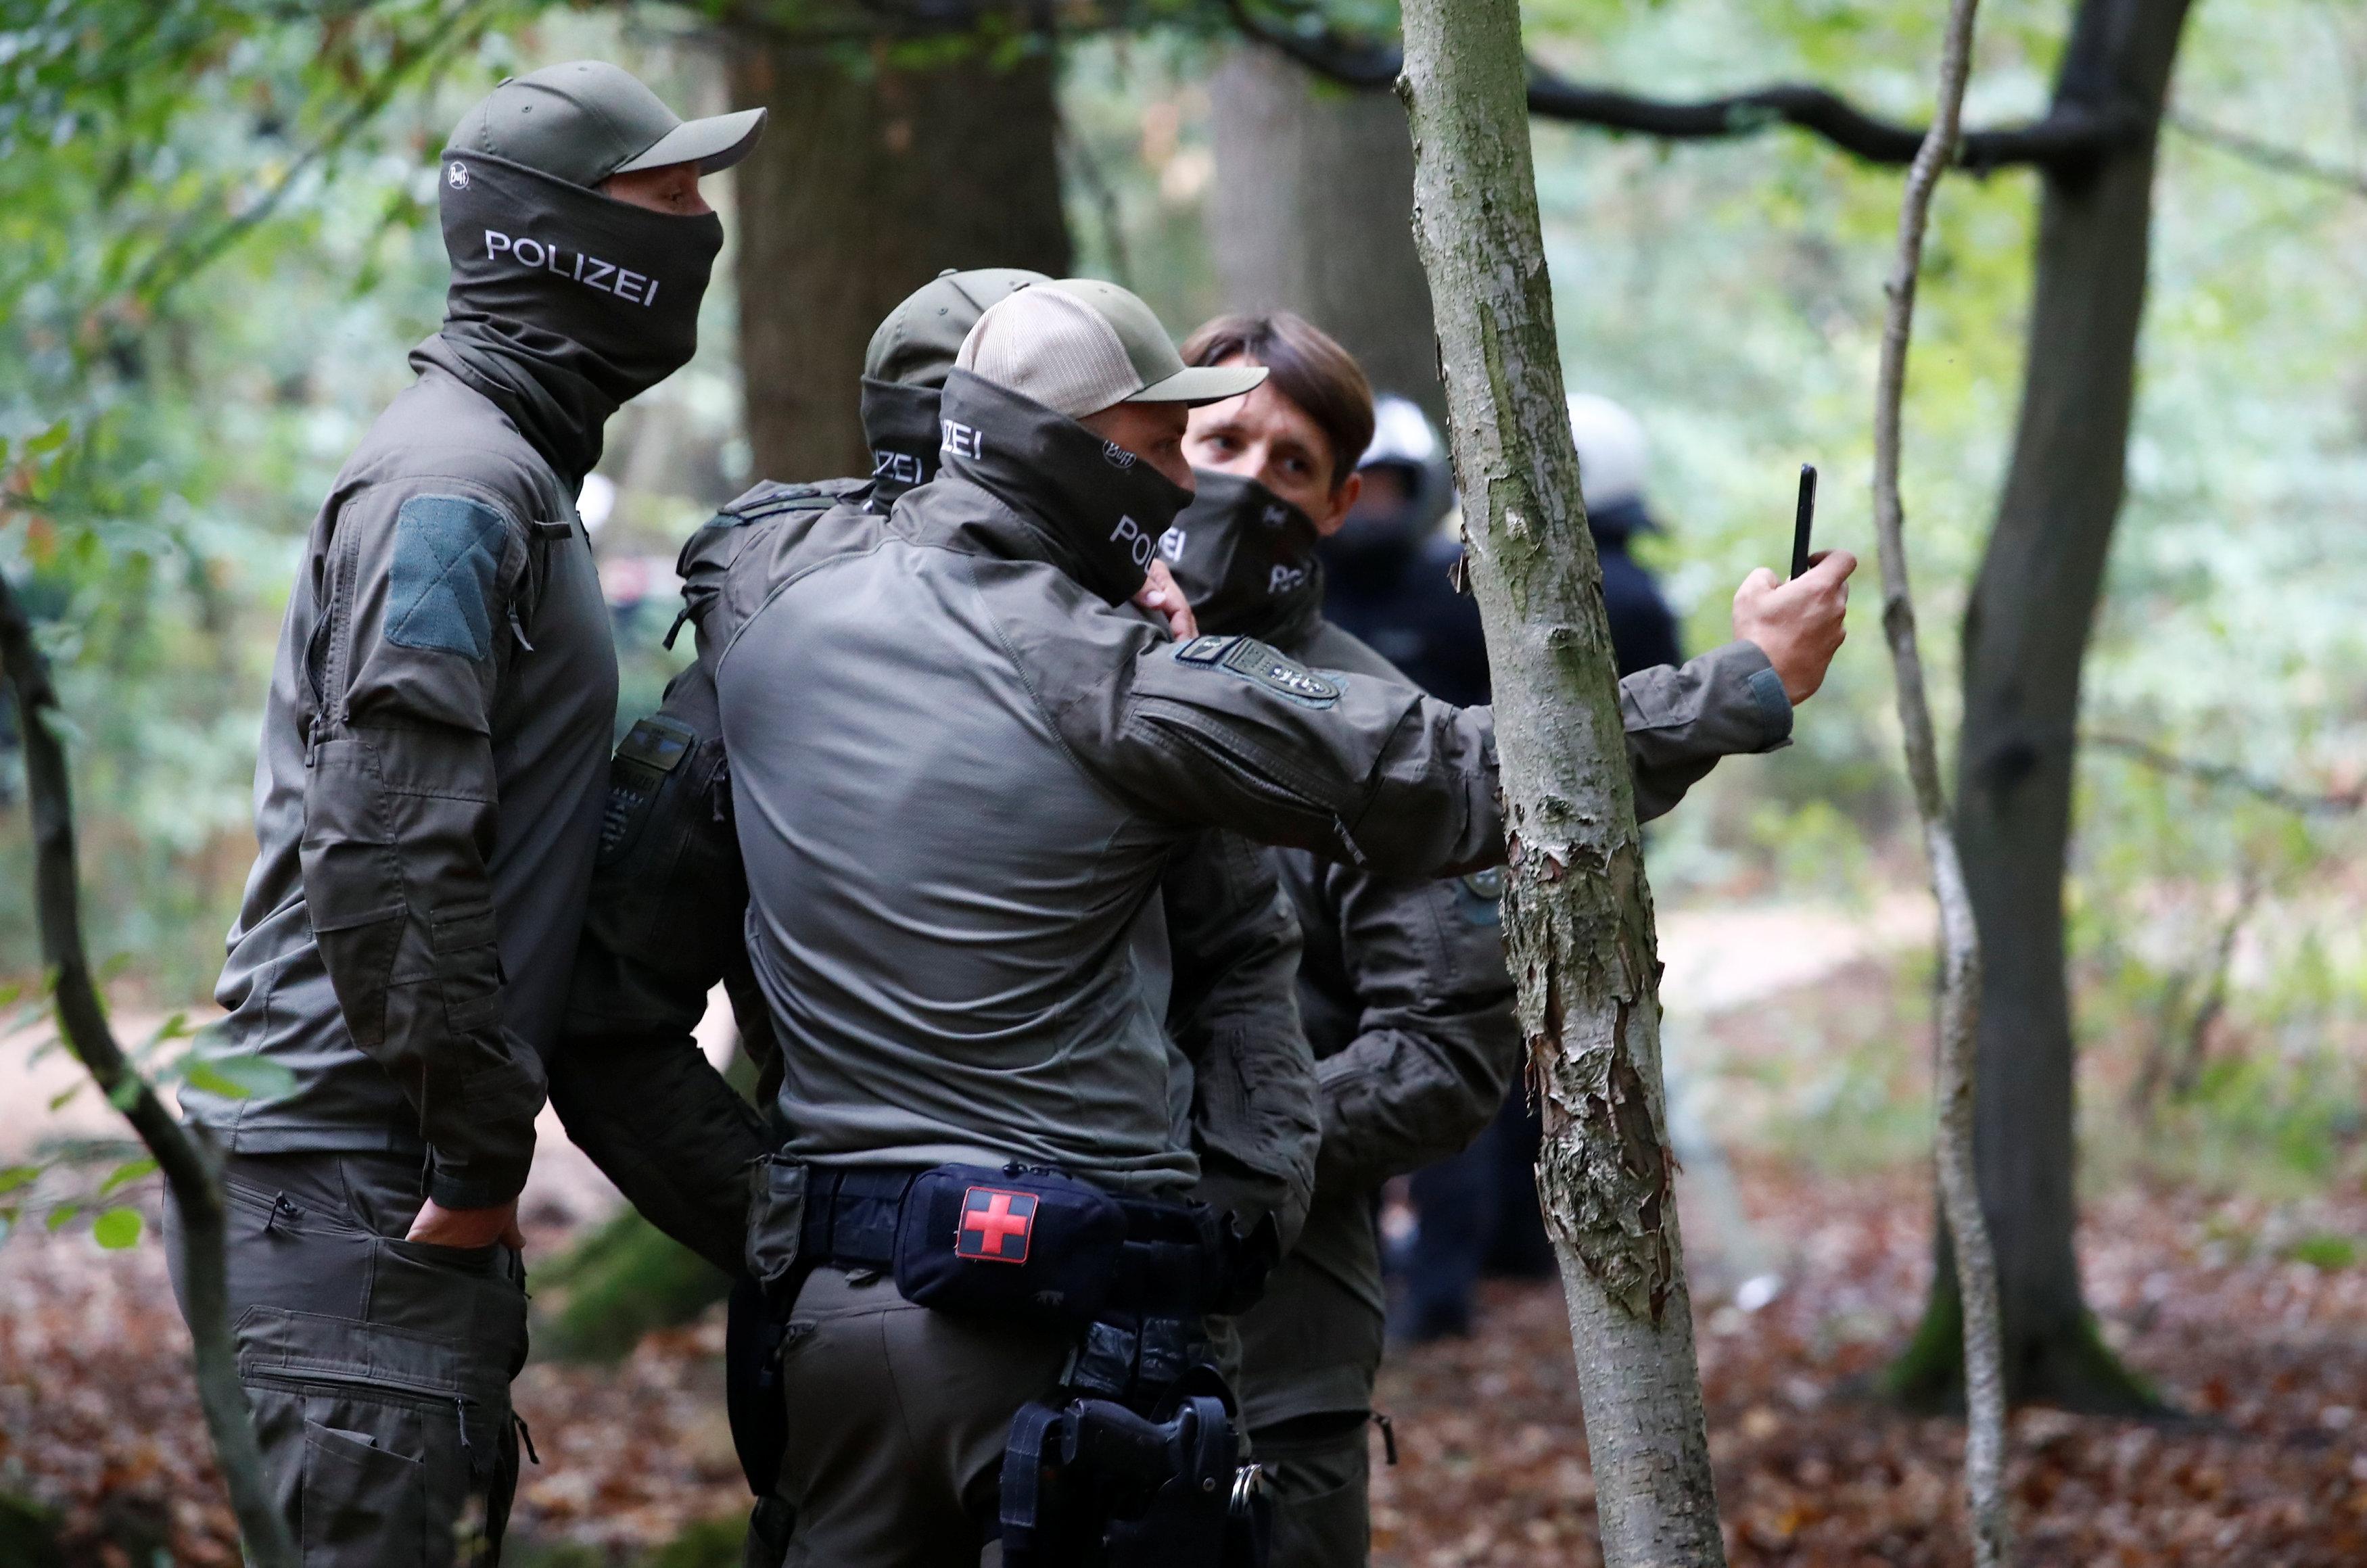 تنسيق بين قوات الأمن تحسبا لأية طوارئ